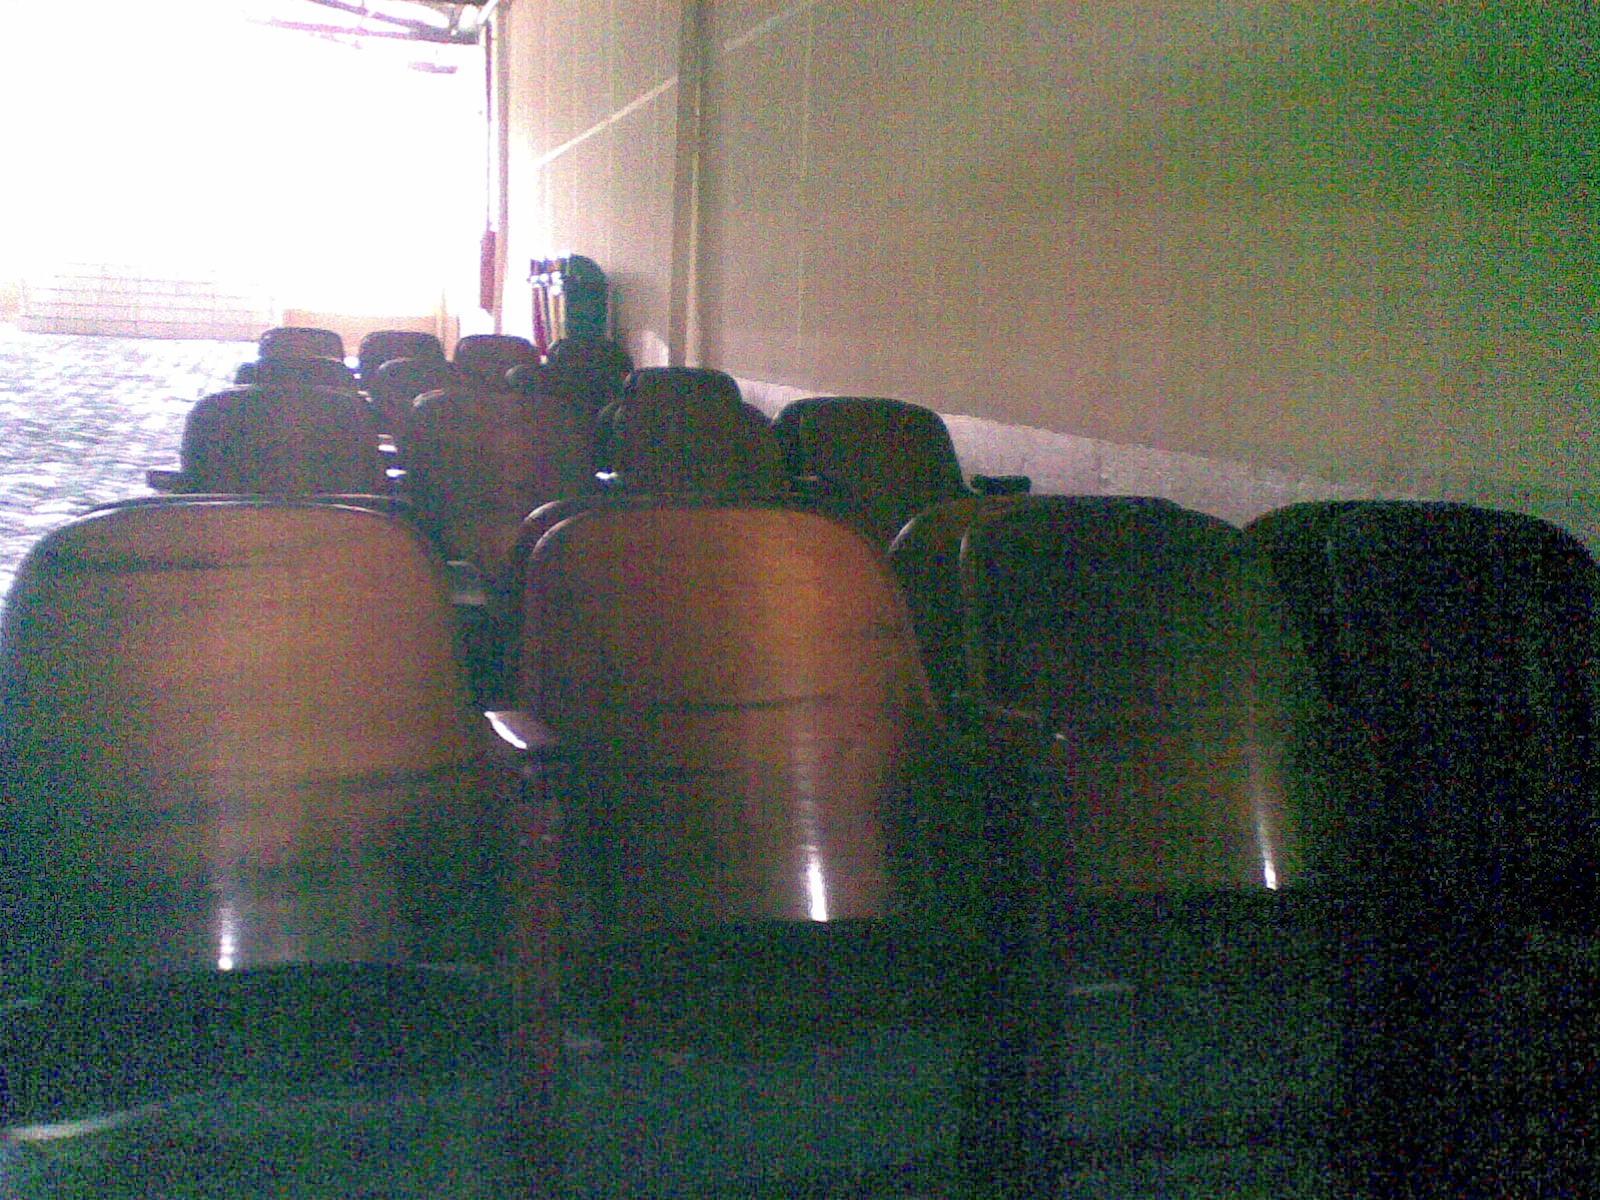 Bancos do Cine Horizonte